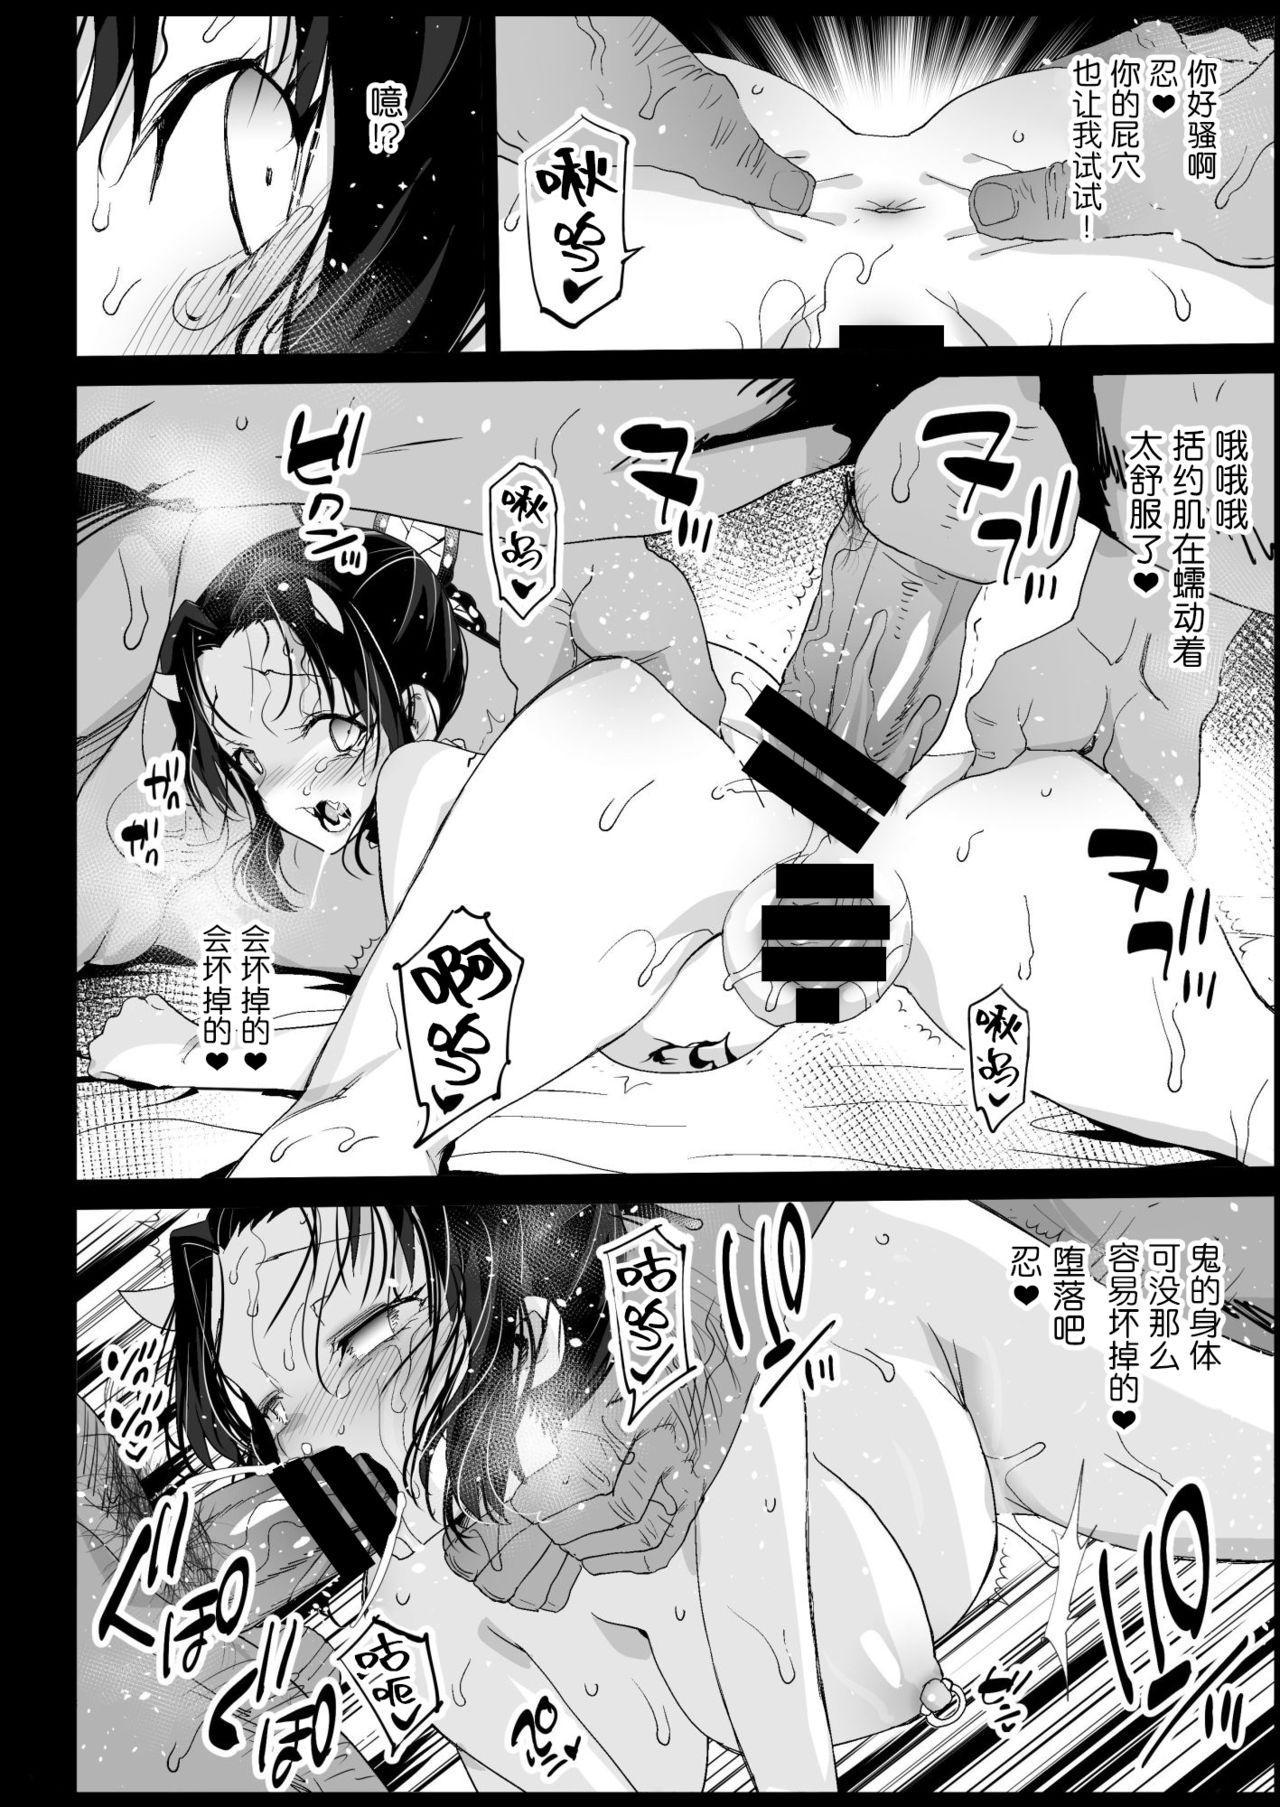 [Eromazun (Ma-kurou)] Kochou Shinobu Kan ~Neteiru Aida ni Ossan Oni ni Okasareru~ - RAPE OF DEMON SLAYER 2 (Kimetsu no Yaiba) [Chinese] [这很恶堕汉化组] [Digital] 42